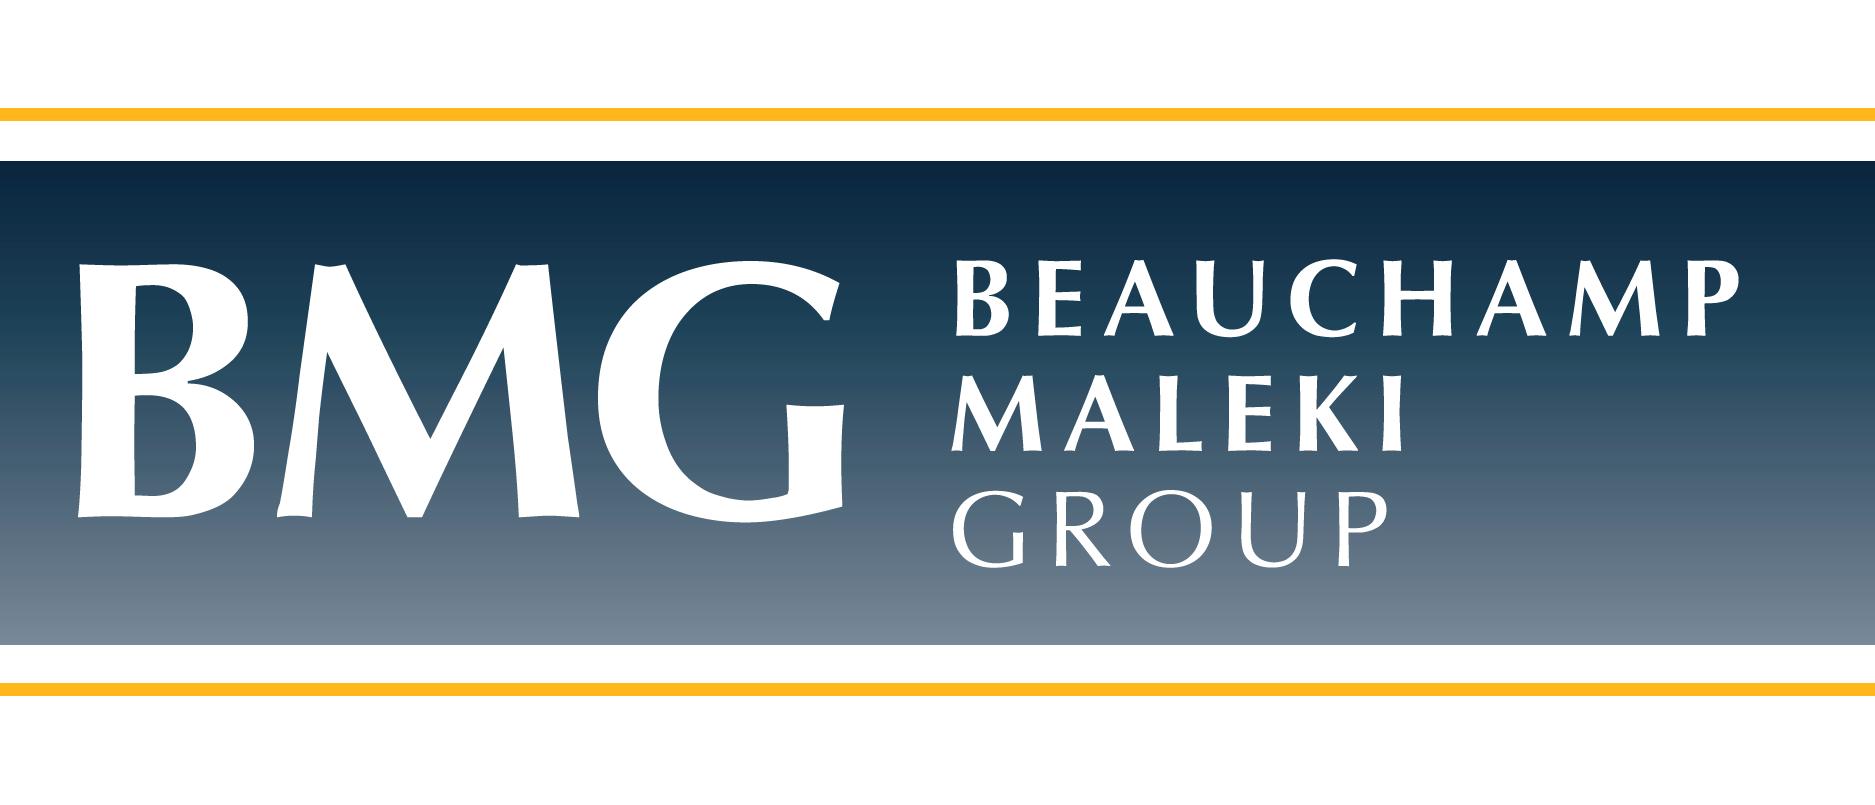 Beauchamp Maleki Group